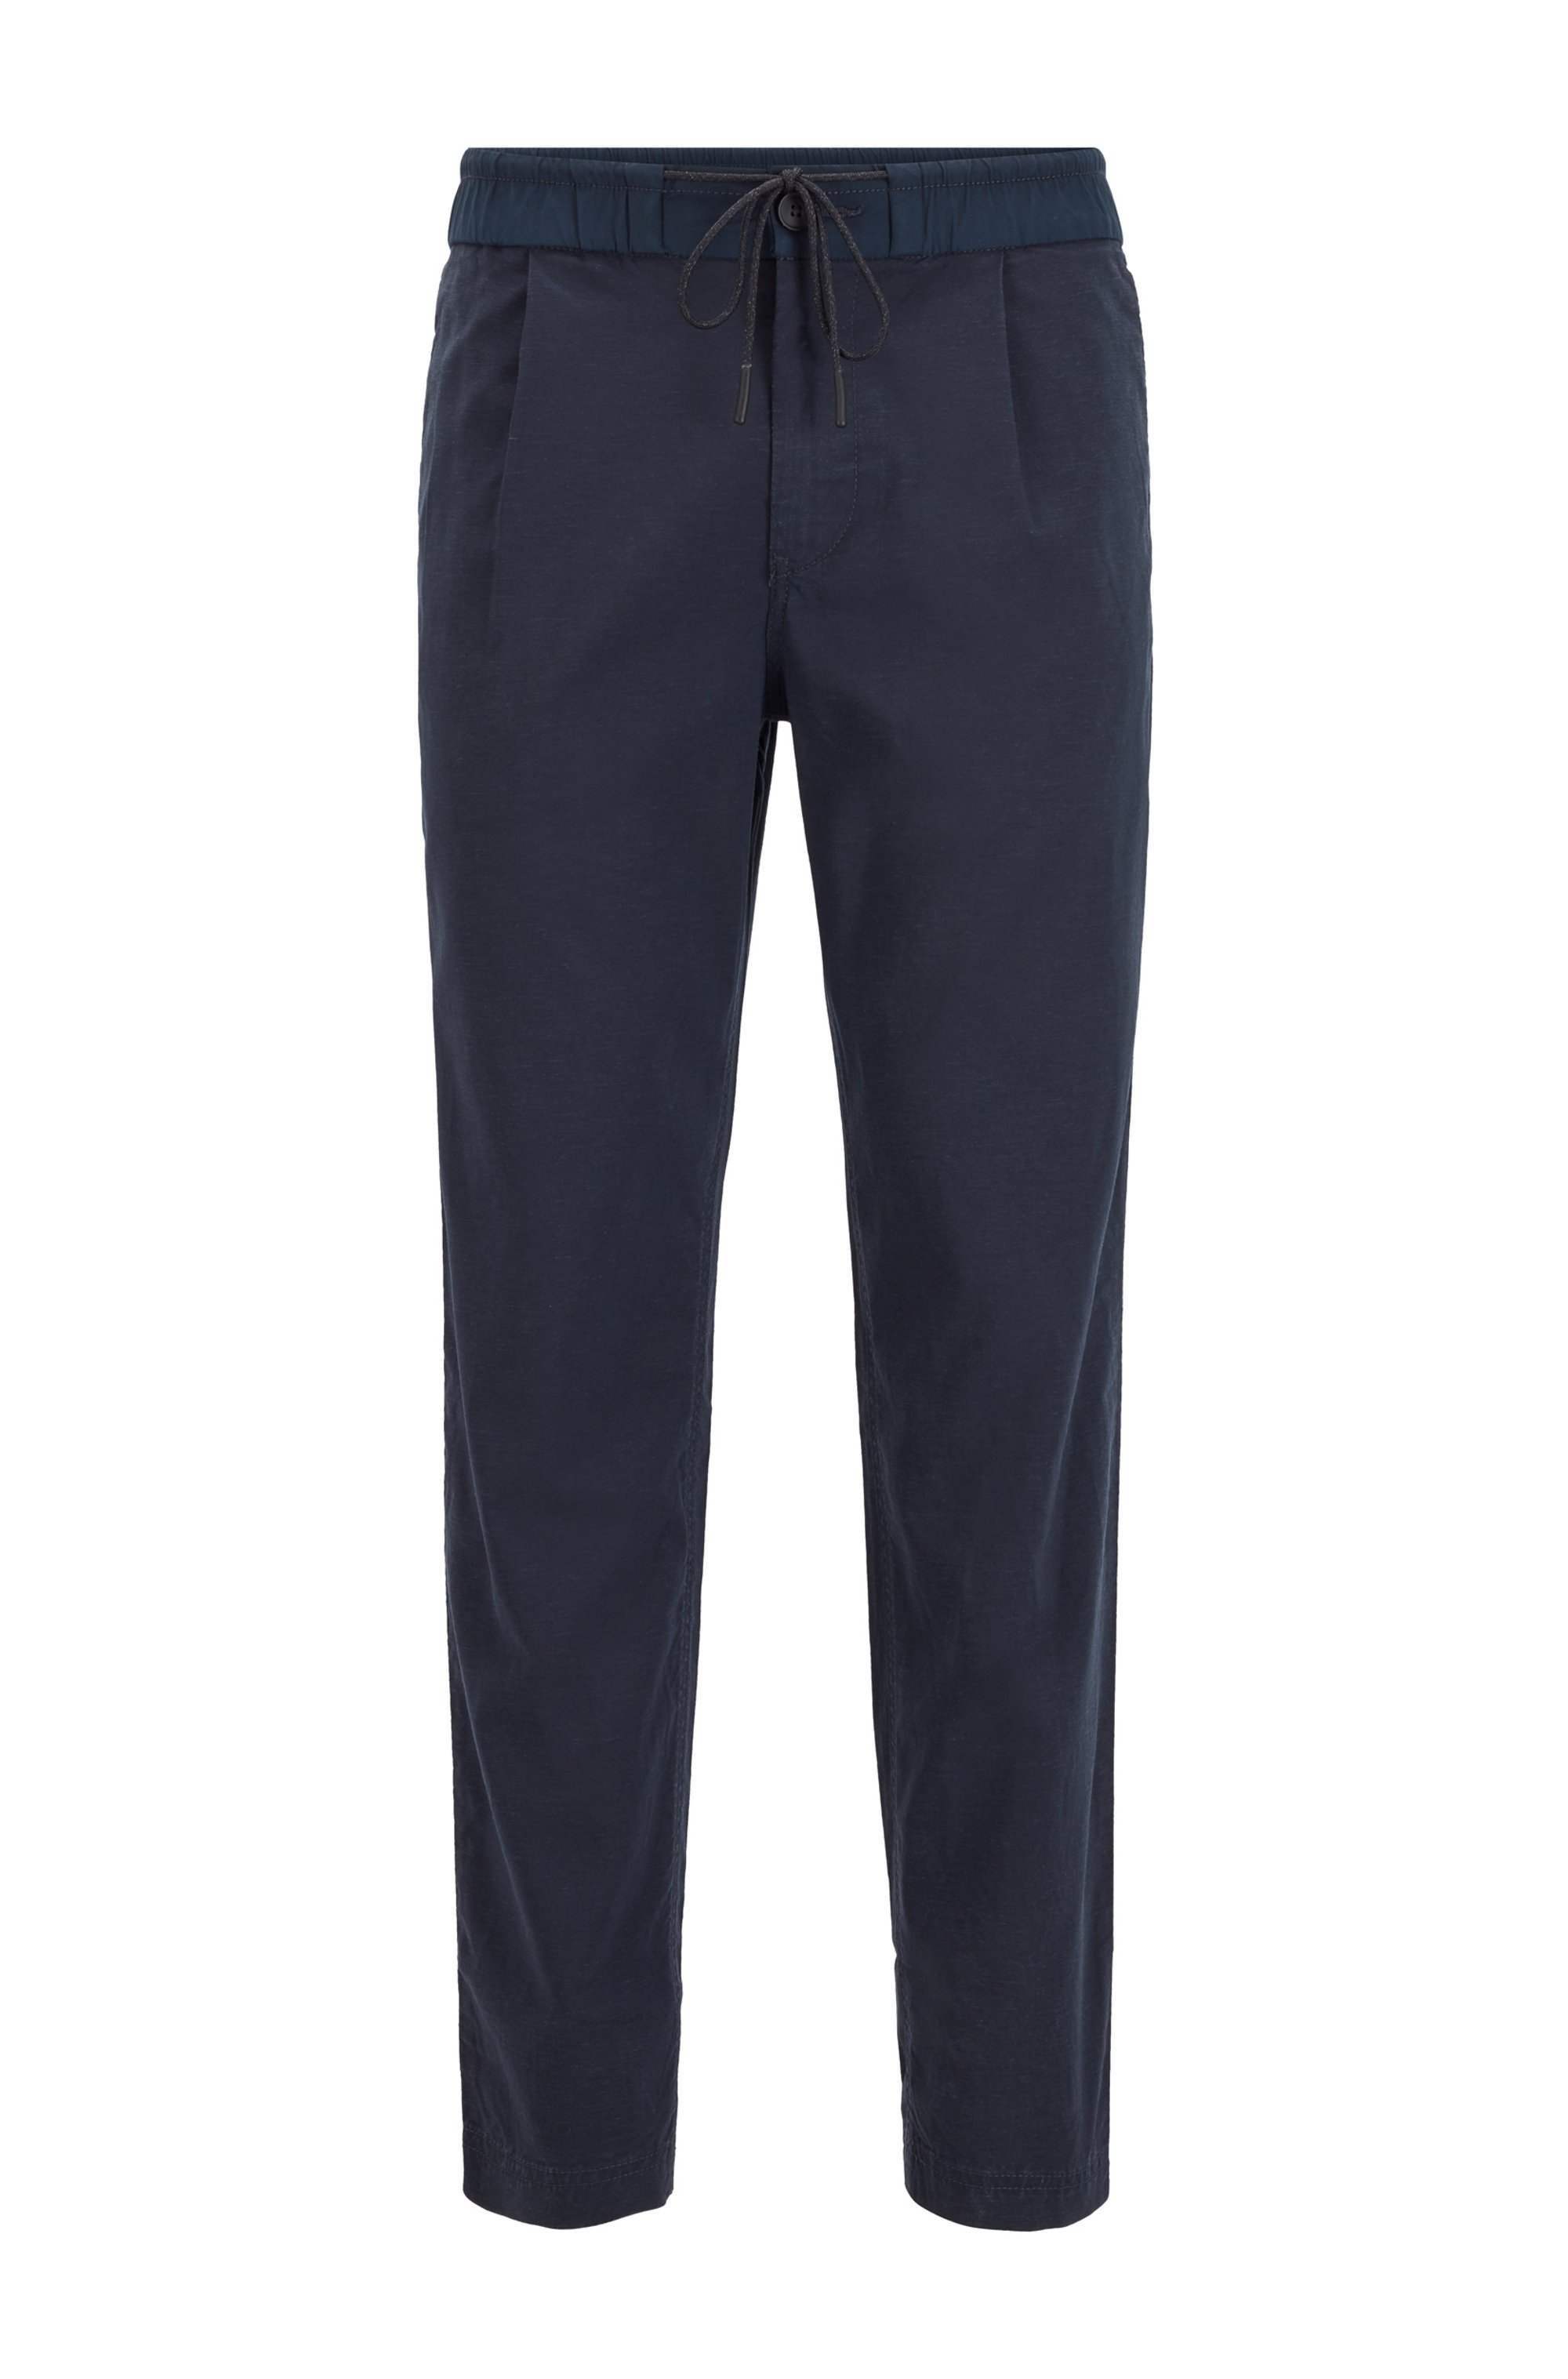 Pantaloni con pince con fit affusolato e vita elastica con coulisse, Blu scuro